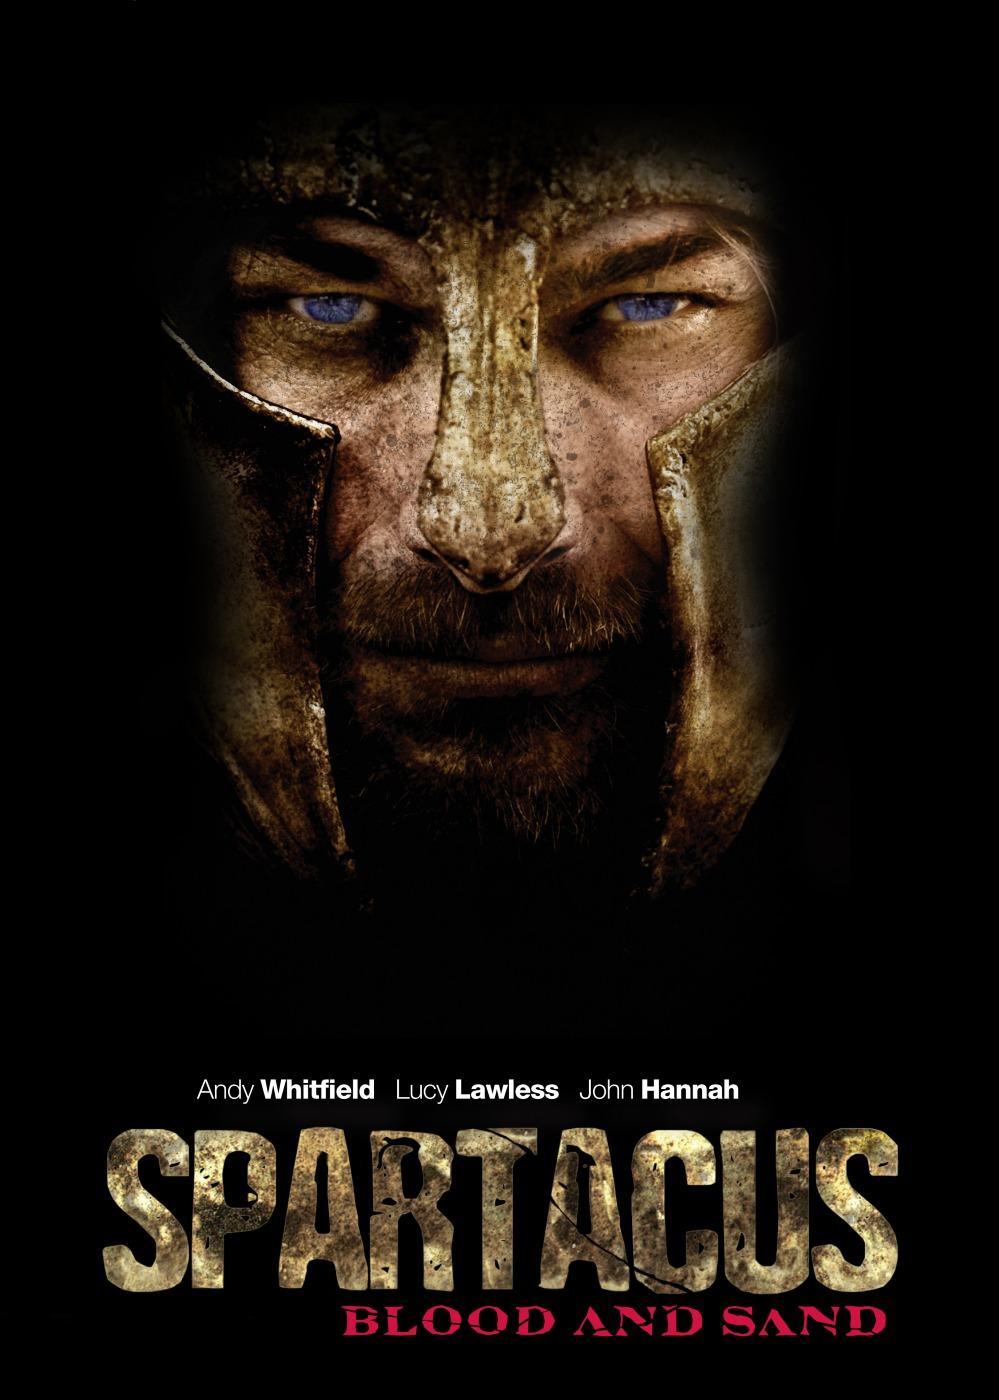 Спартак: Кровь и песок (2010) (Spartacus: Blood and Sand)